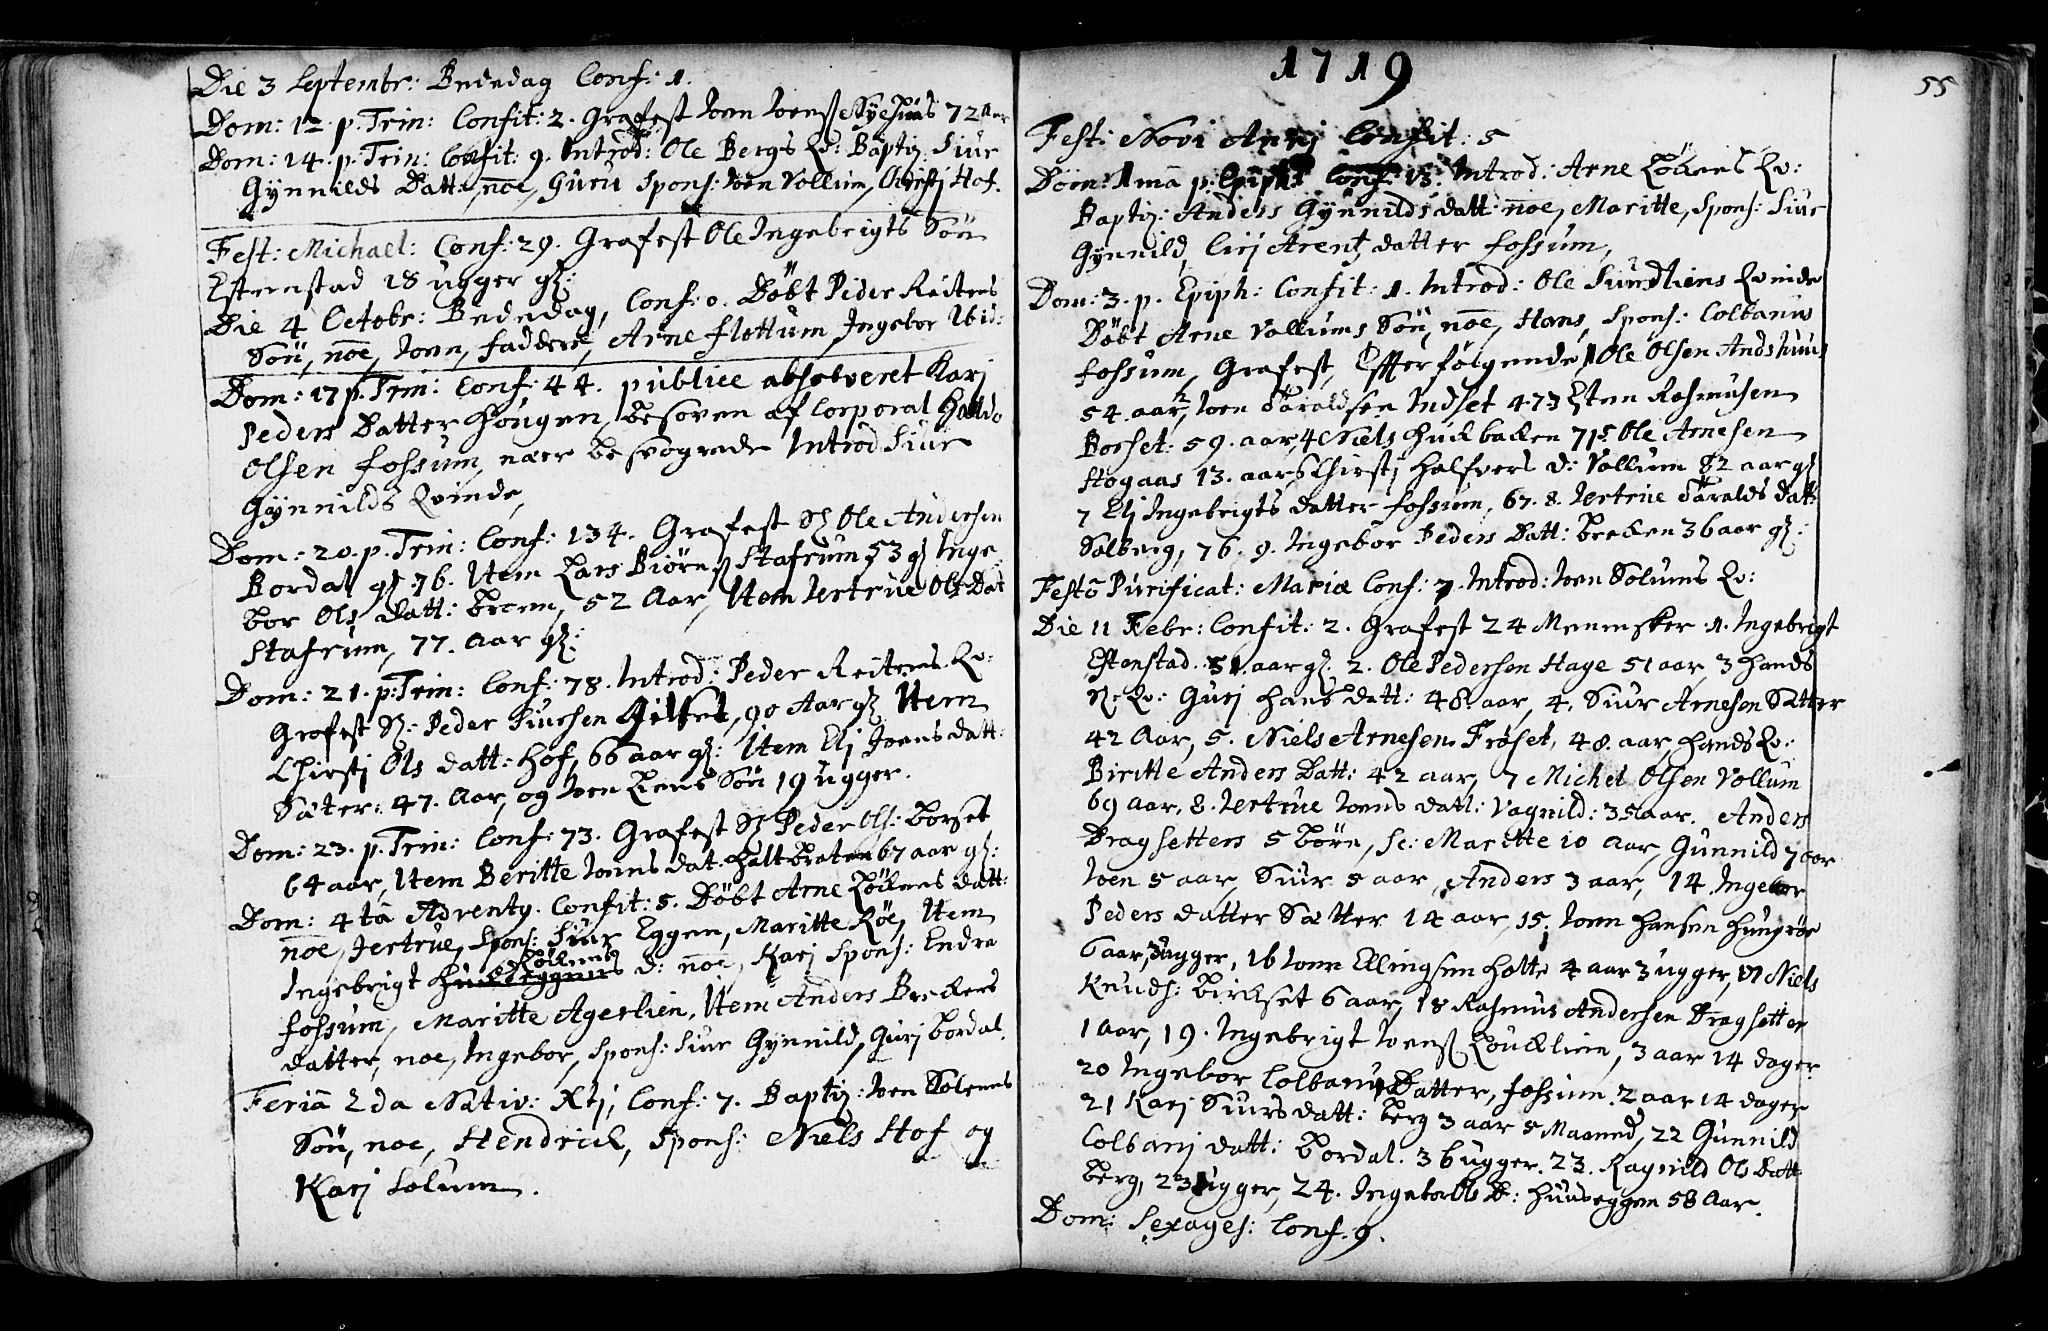 SAT, Ministerialprotokoller, klokkerbøker og fødselsregistre - Sør-Trøndelag, 689/L1036: Ministerialbok nr. 689A01, 1696-1746, s. 55